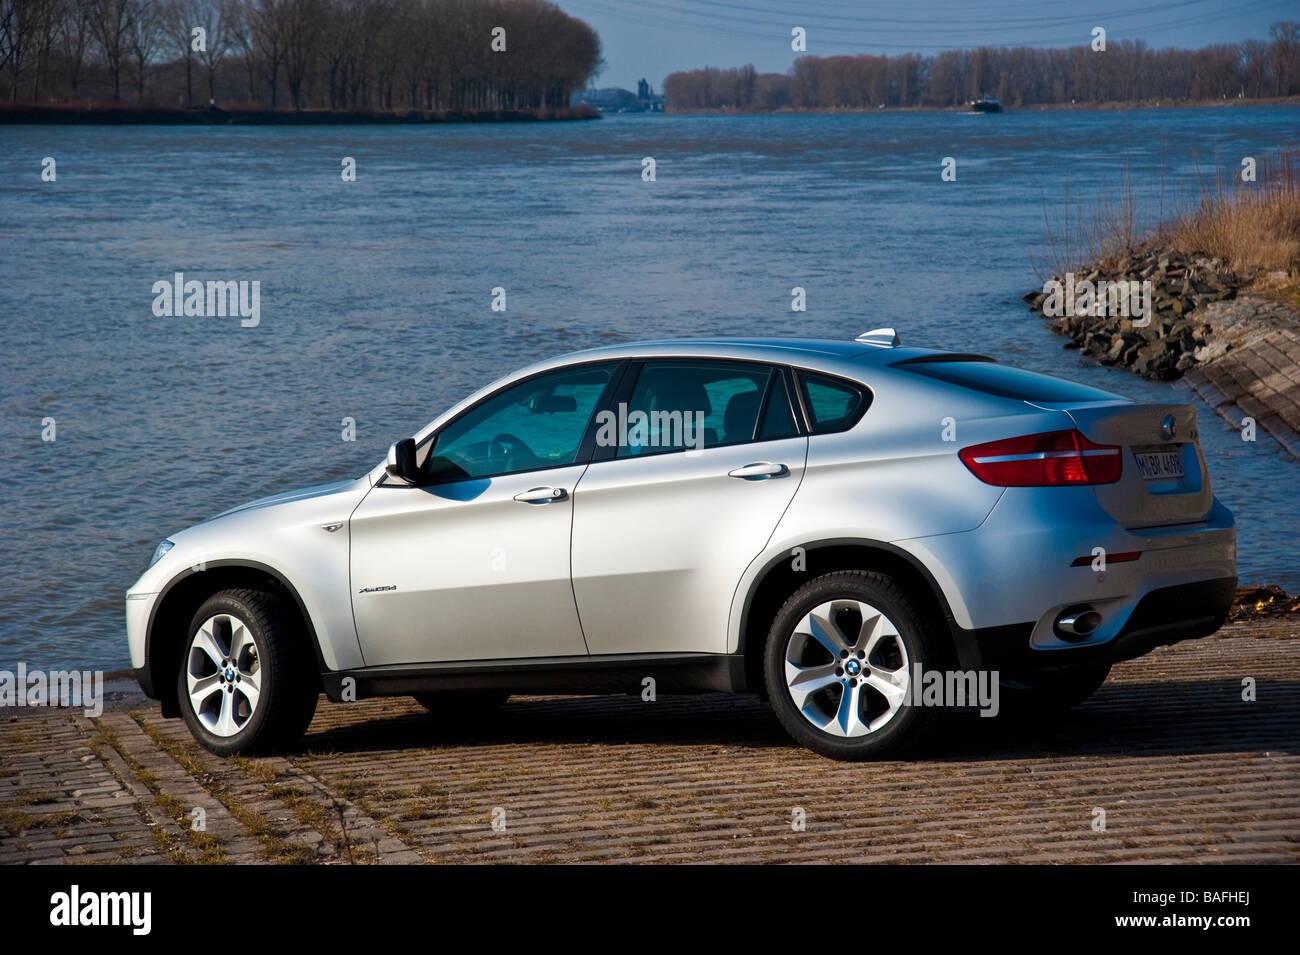 Silver Bmw X6 Side View Stock Photo 23699946 Alamy